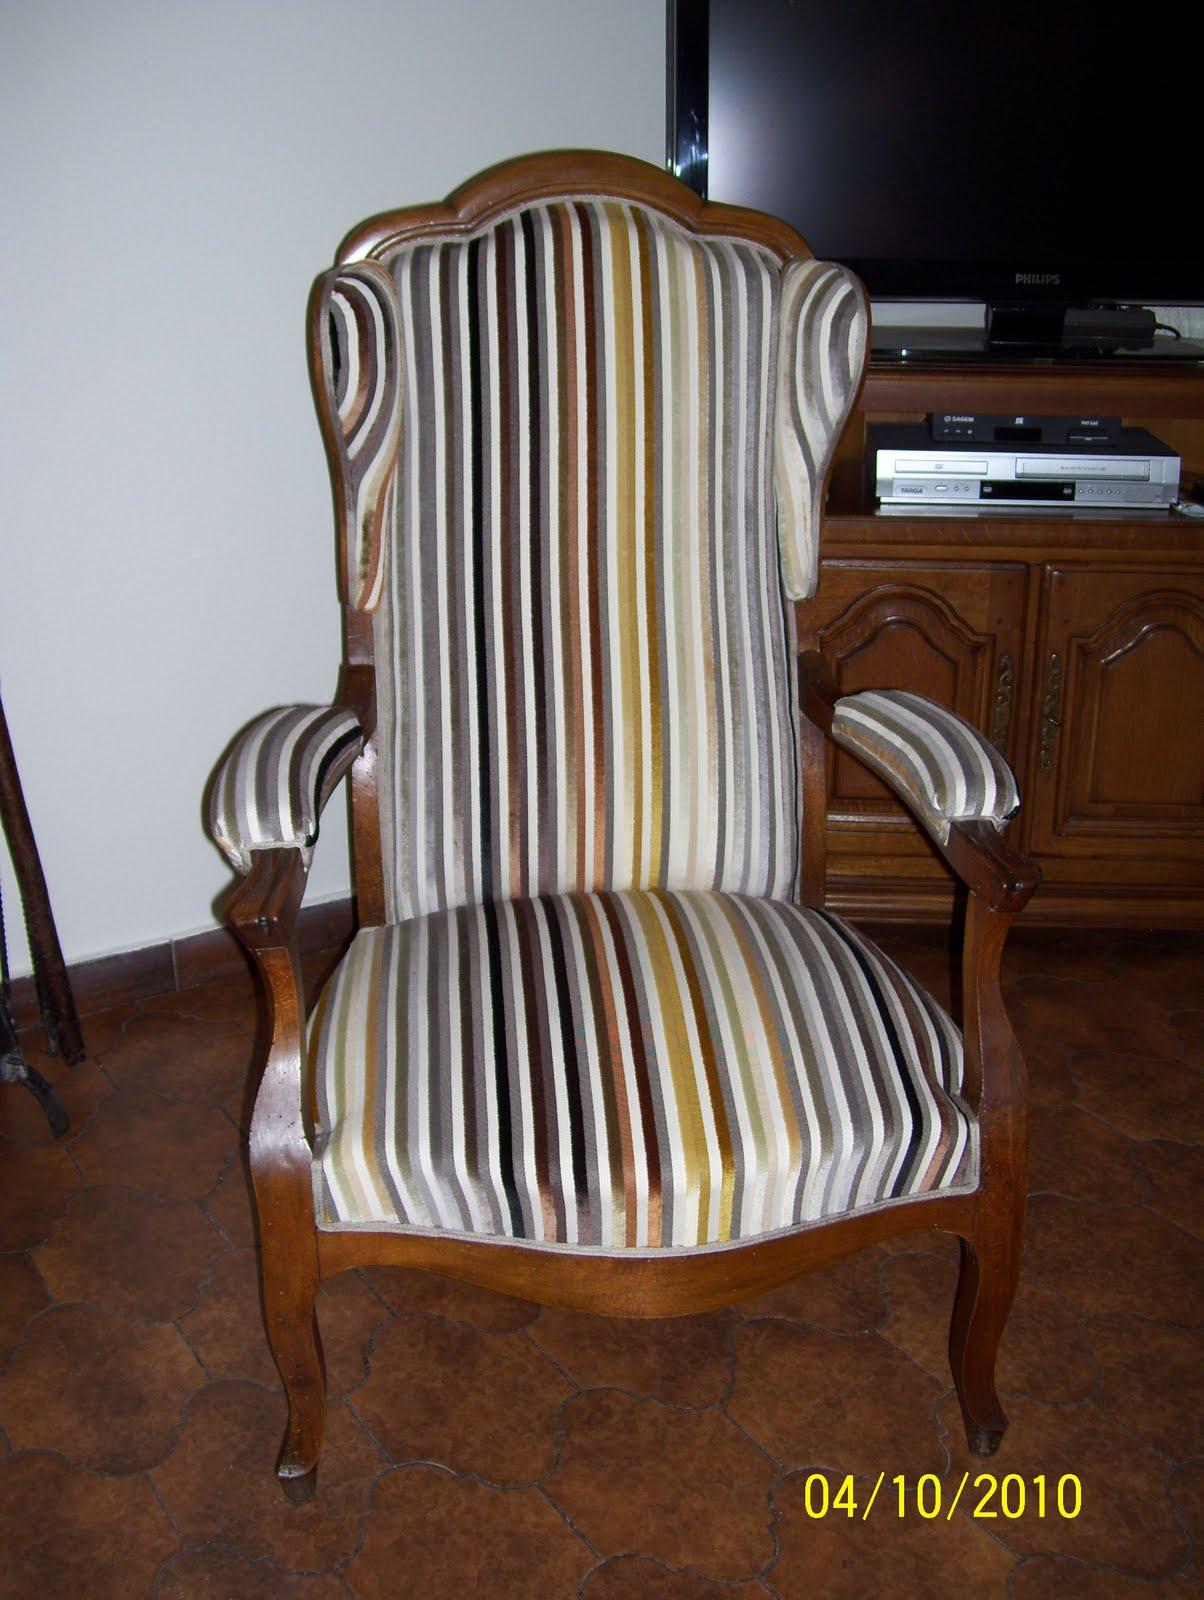 atelier ana s deco tapissier decorateur label artisan d 39 art fauteuil voltaire avant apr s. Black Bedroom Furniture Sets. Home Design Ideas